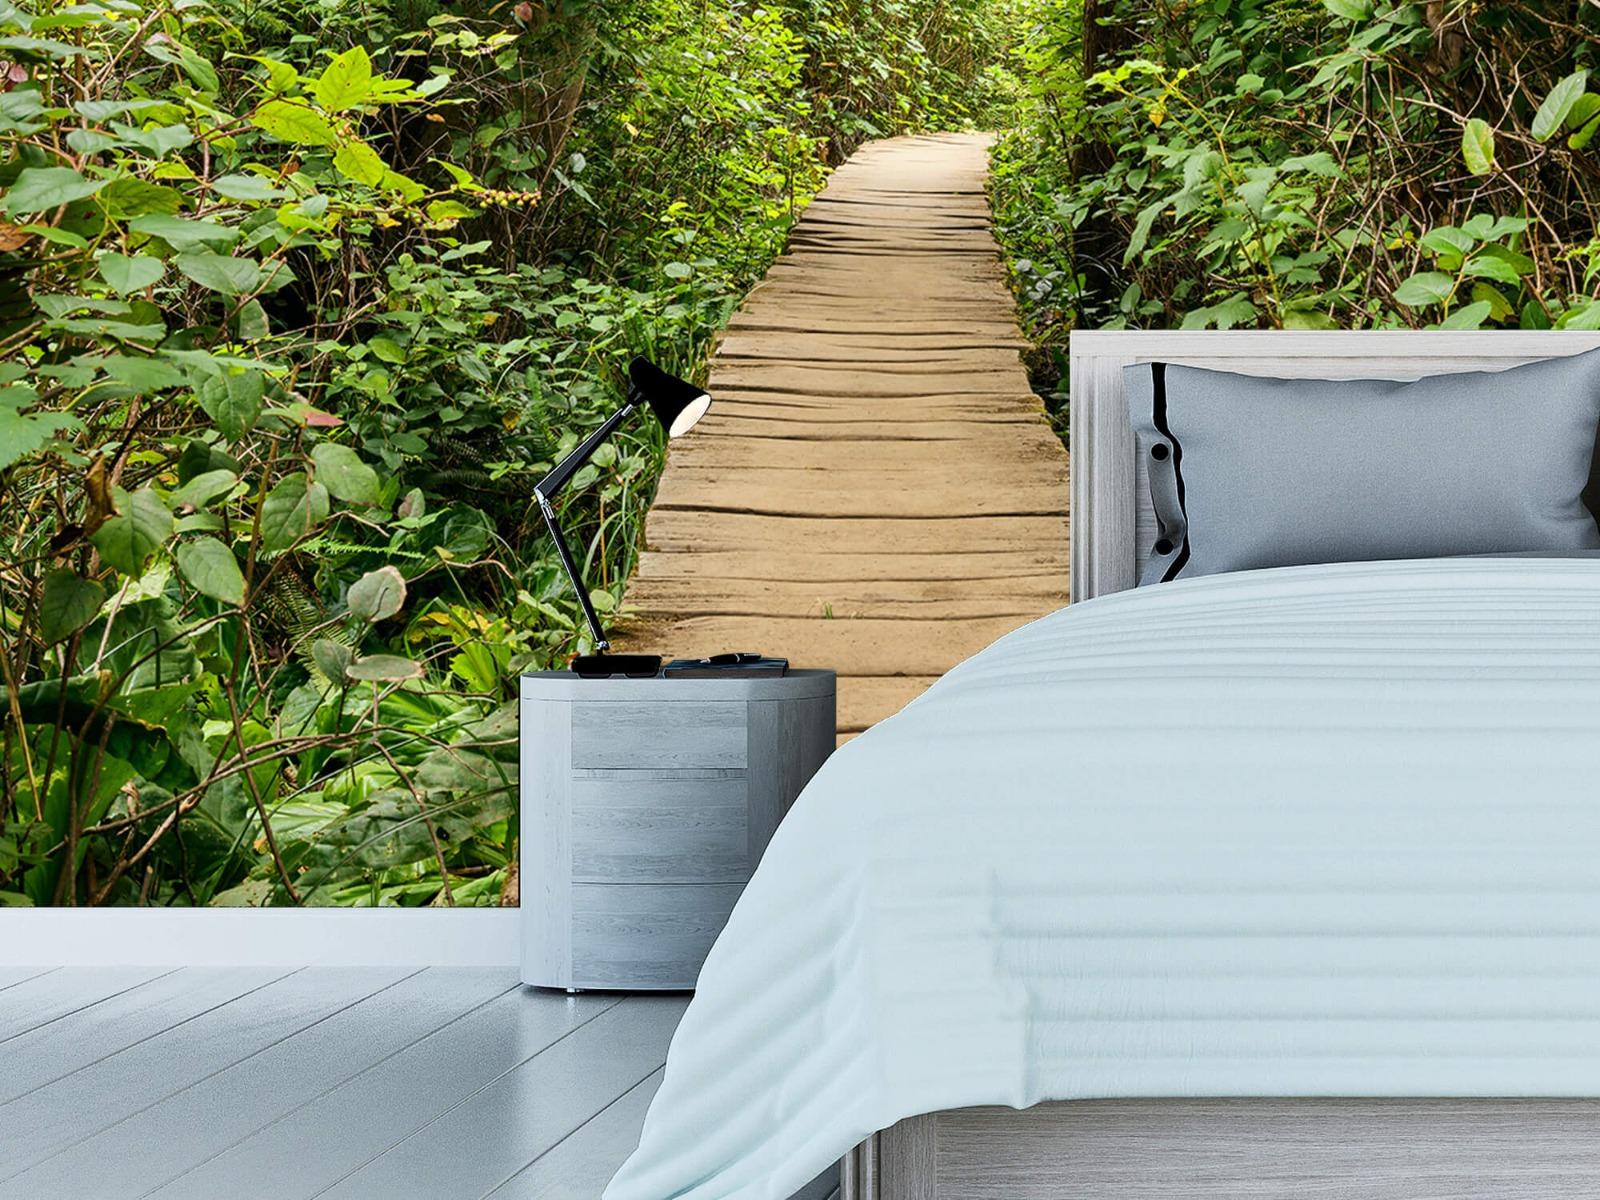 Bos behang - Houten pad door het groen - Slaapkamer 3